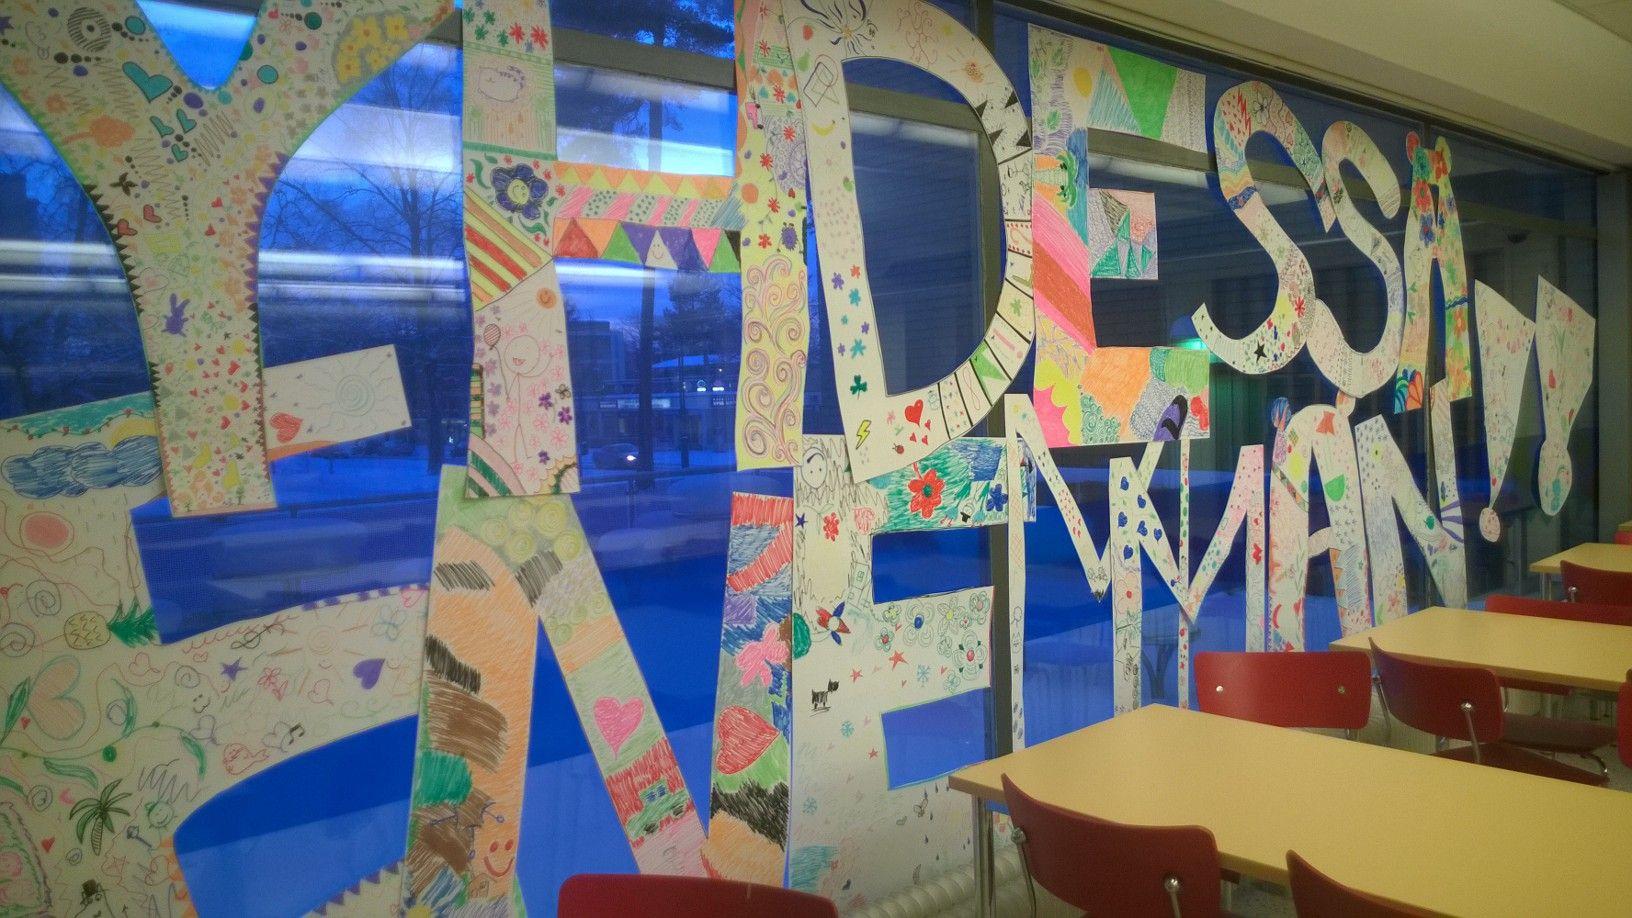 Yhdessä enemmän. Hyvinkään Laurean ruokalan ikkunassa. Uusia opiskelijoita epäillään. ;) Ihanan värikäs!